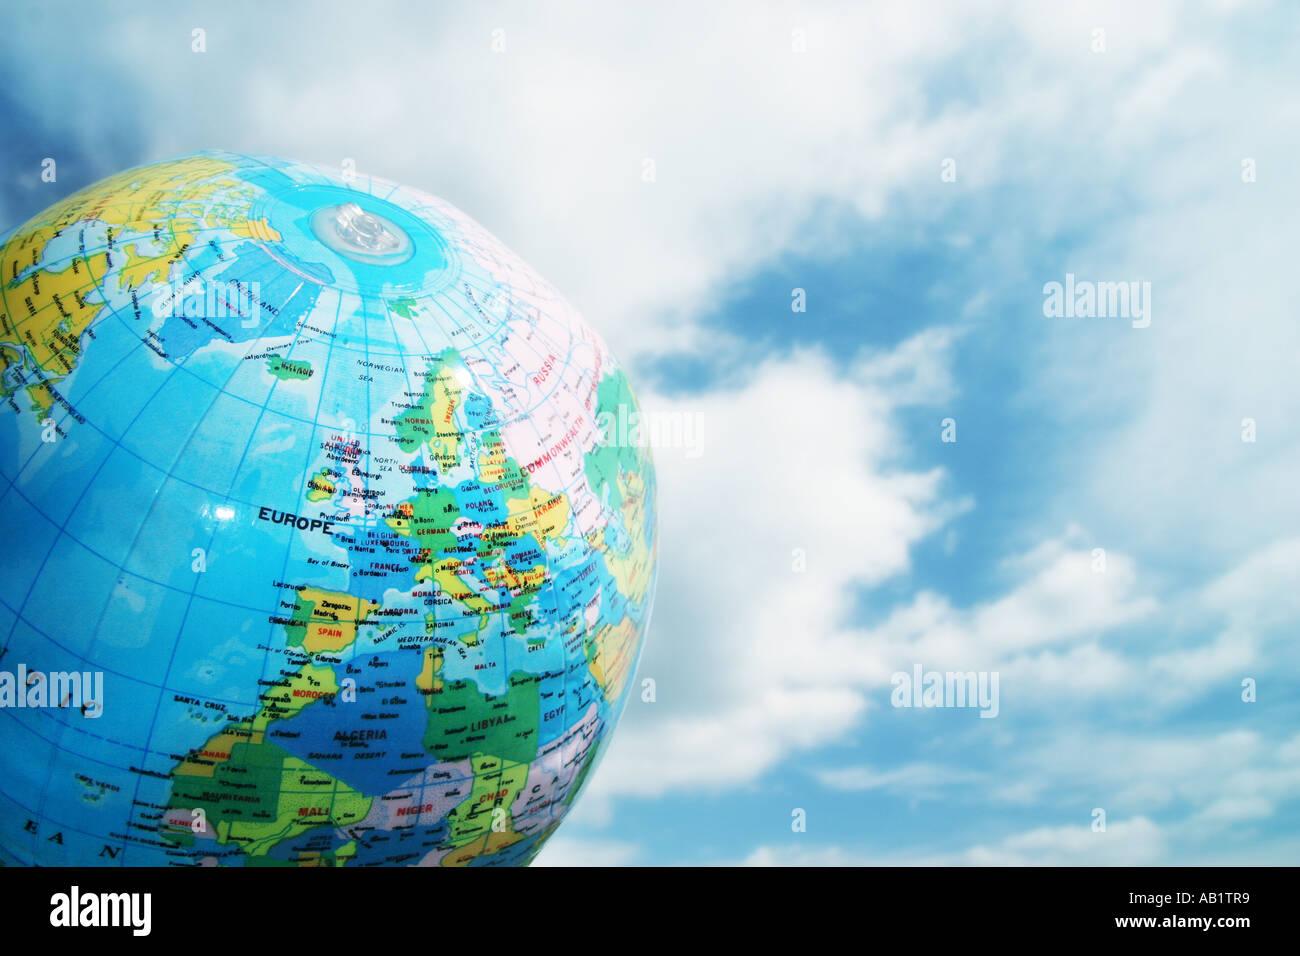 Carte de l'Europe sur un globe gonflable Photo Stock